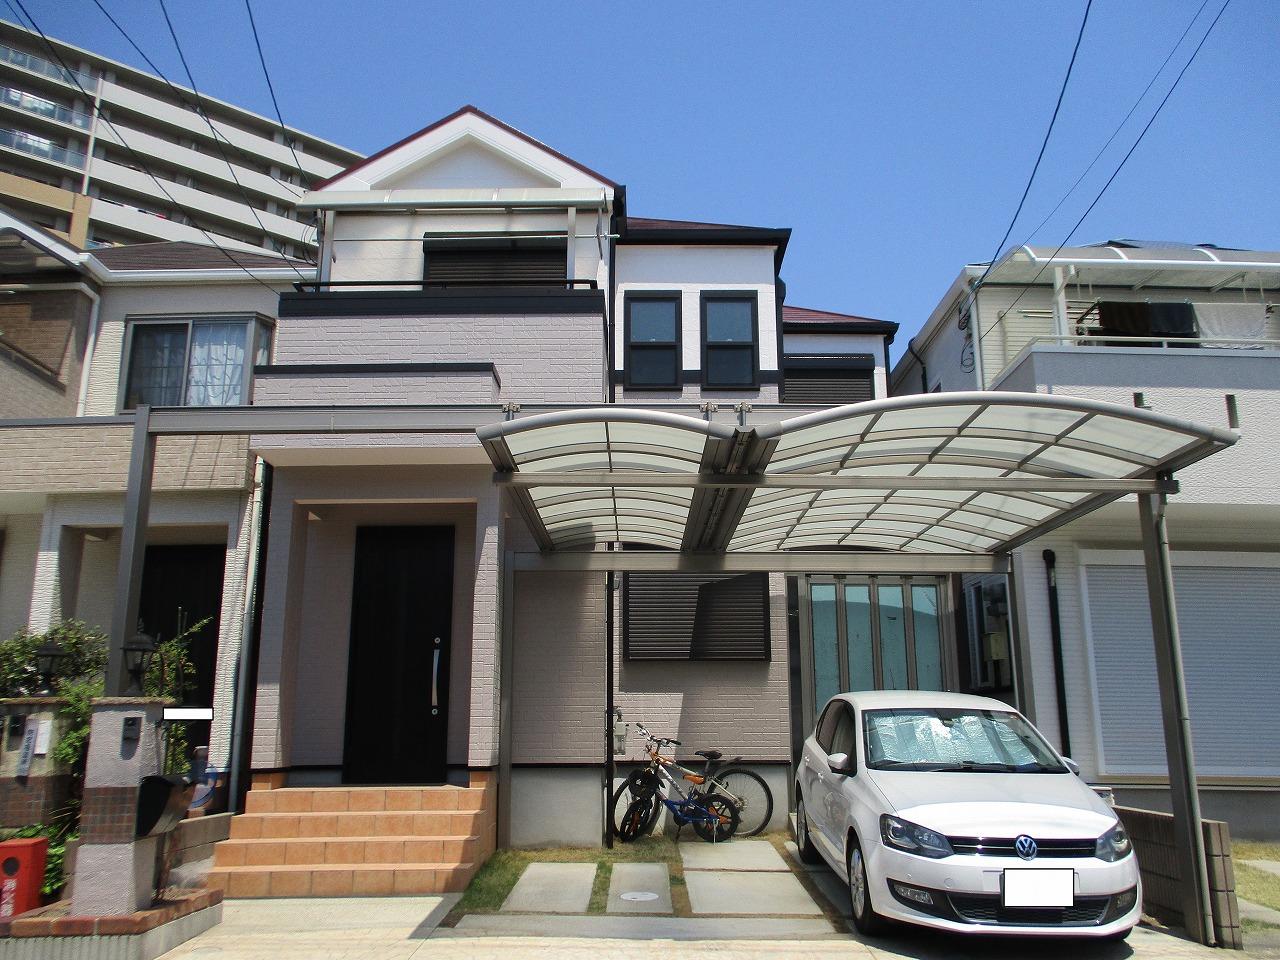 大阪市淀川区で初めての屋根塗装・外壁塗装は2トーン仕上げ